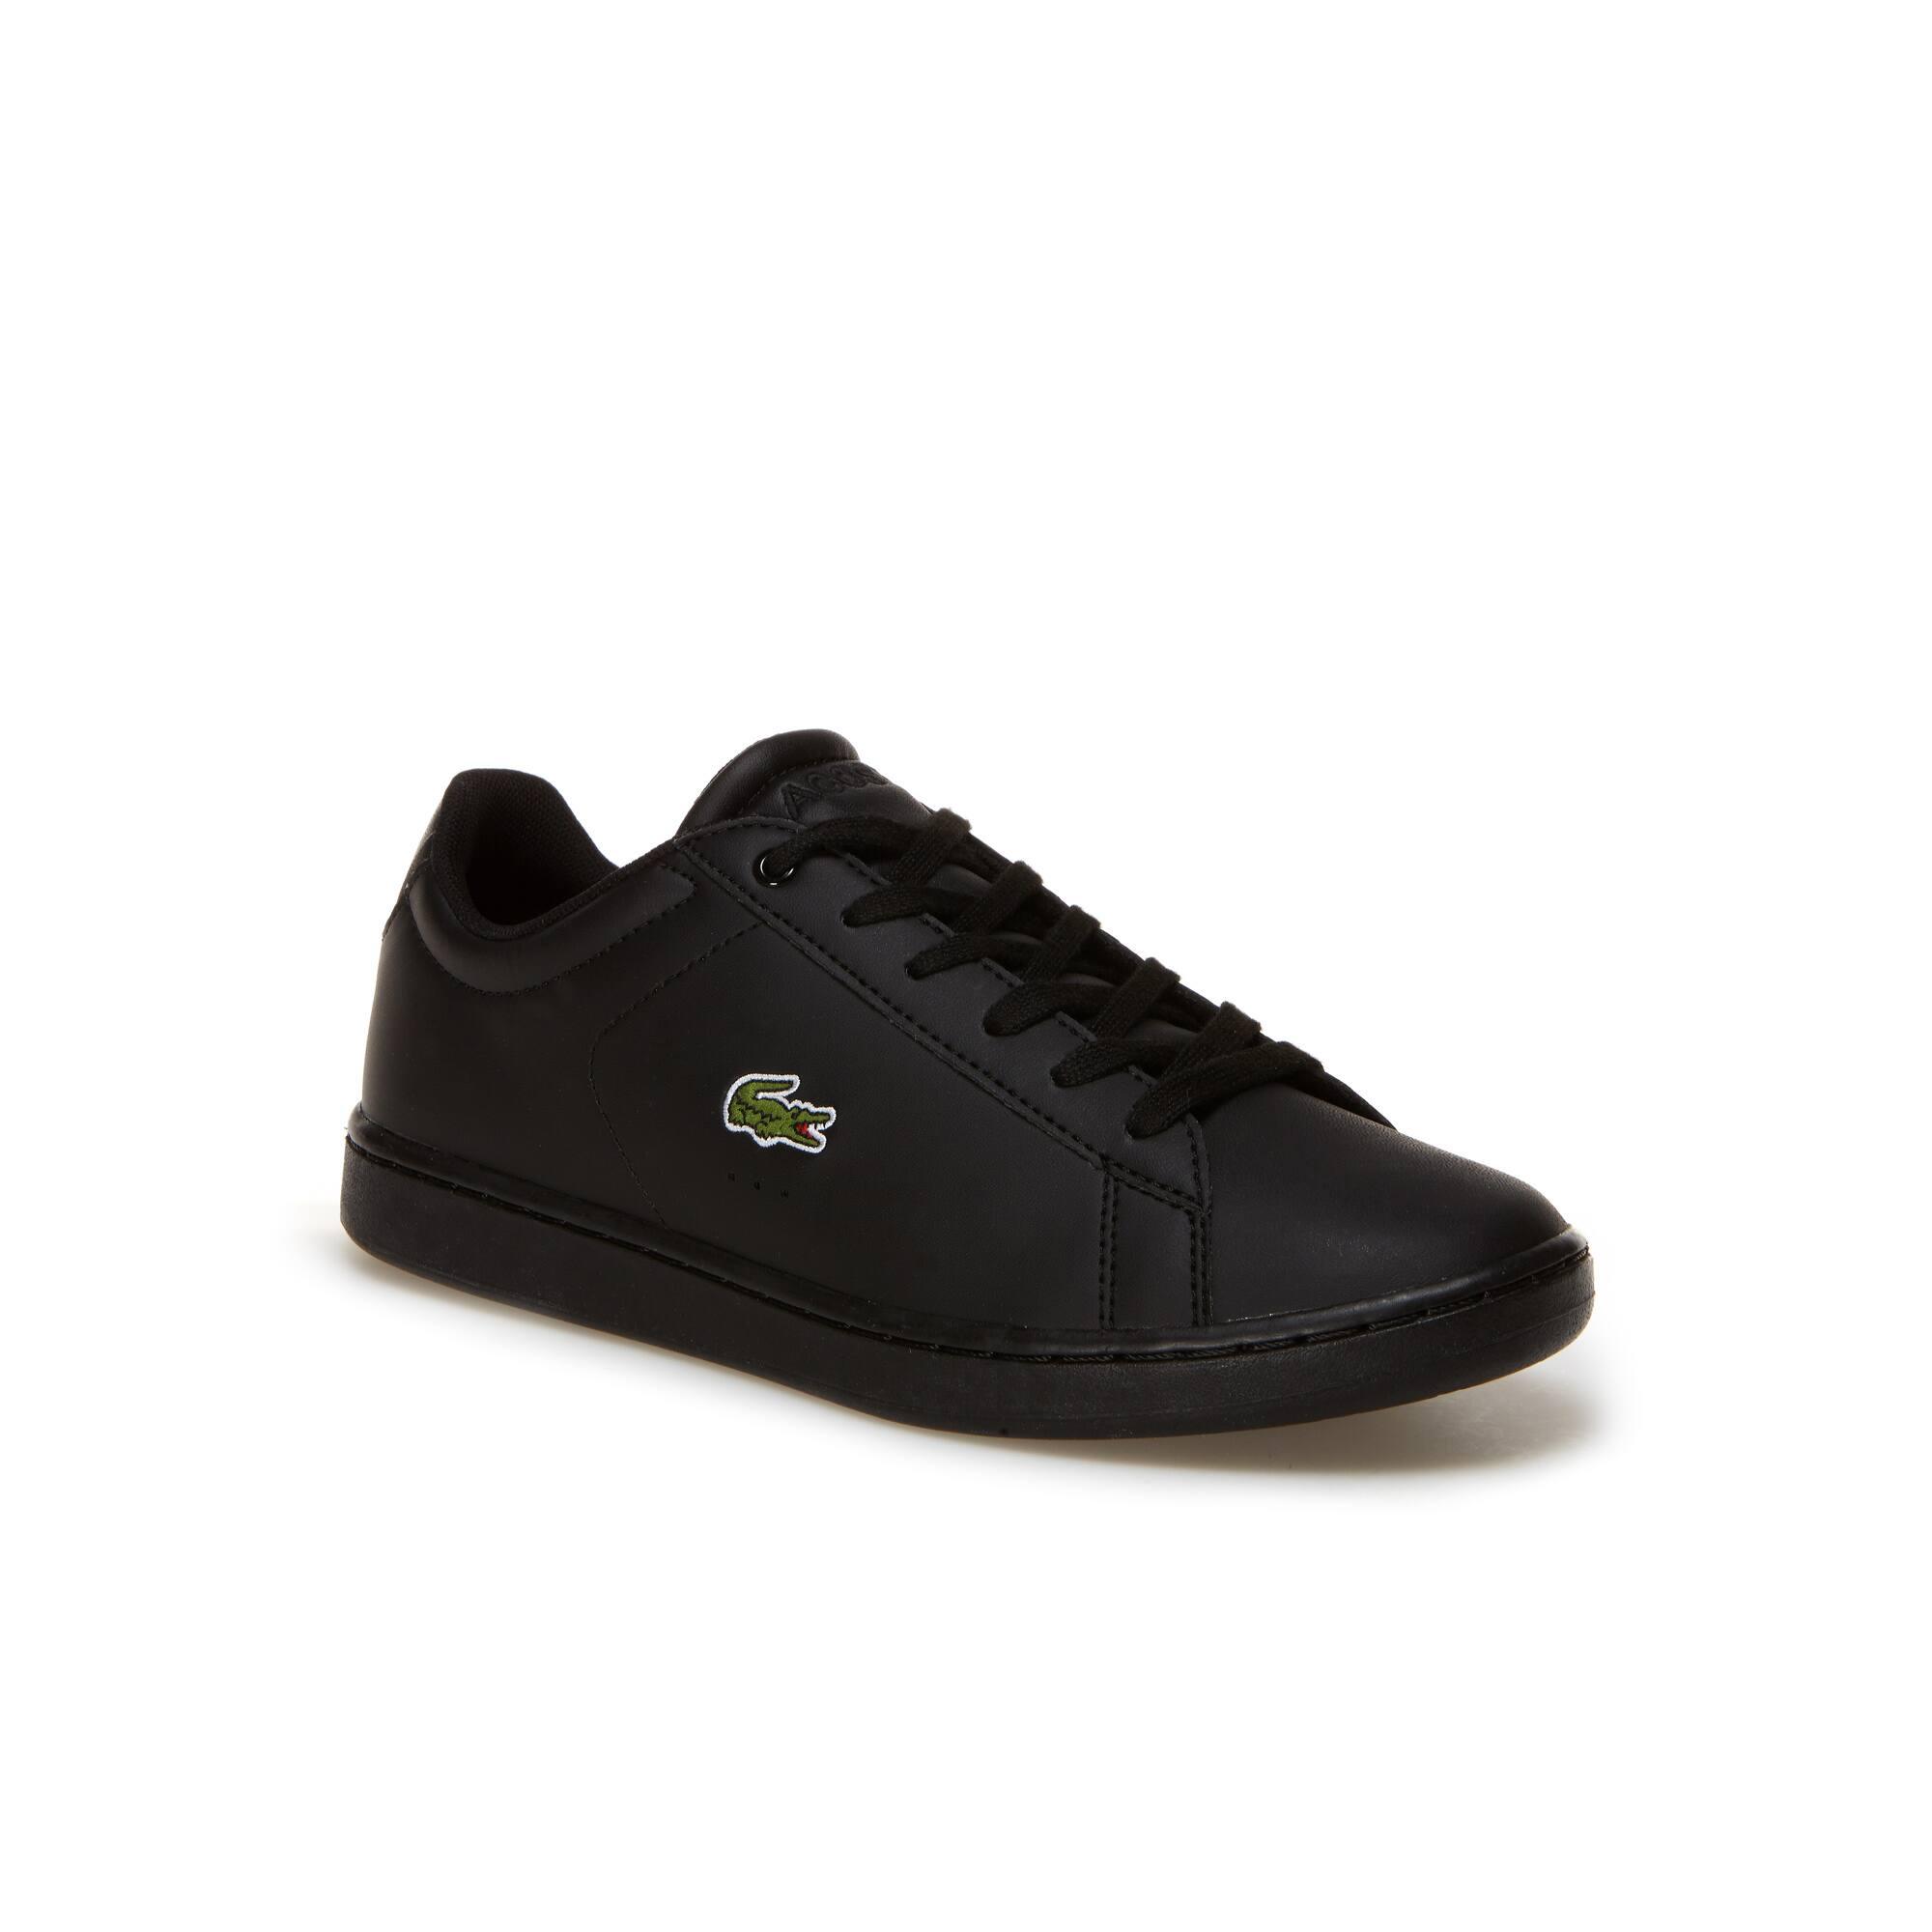 Teen-Sneakers CARNABY EVO in Leder-Optik und Gummi